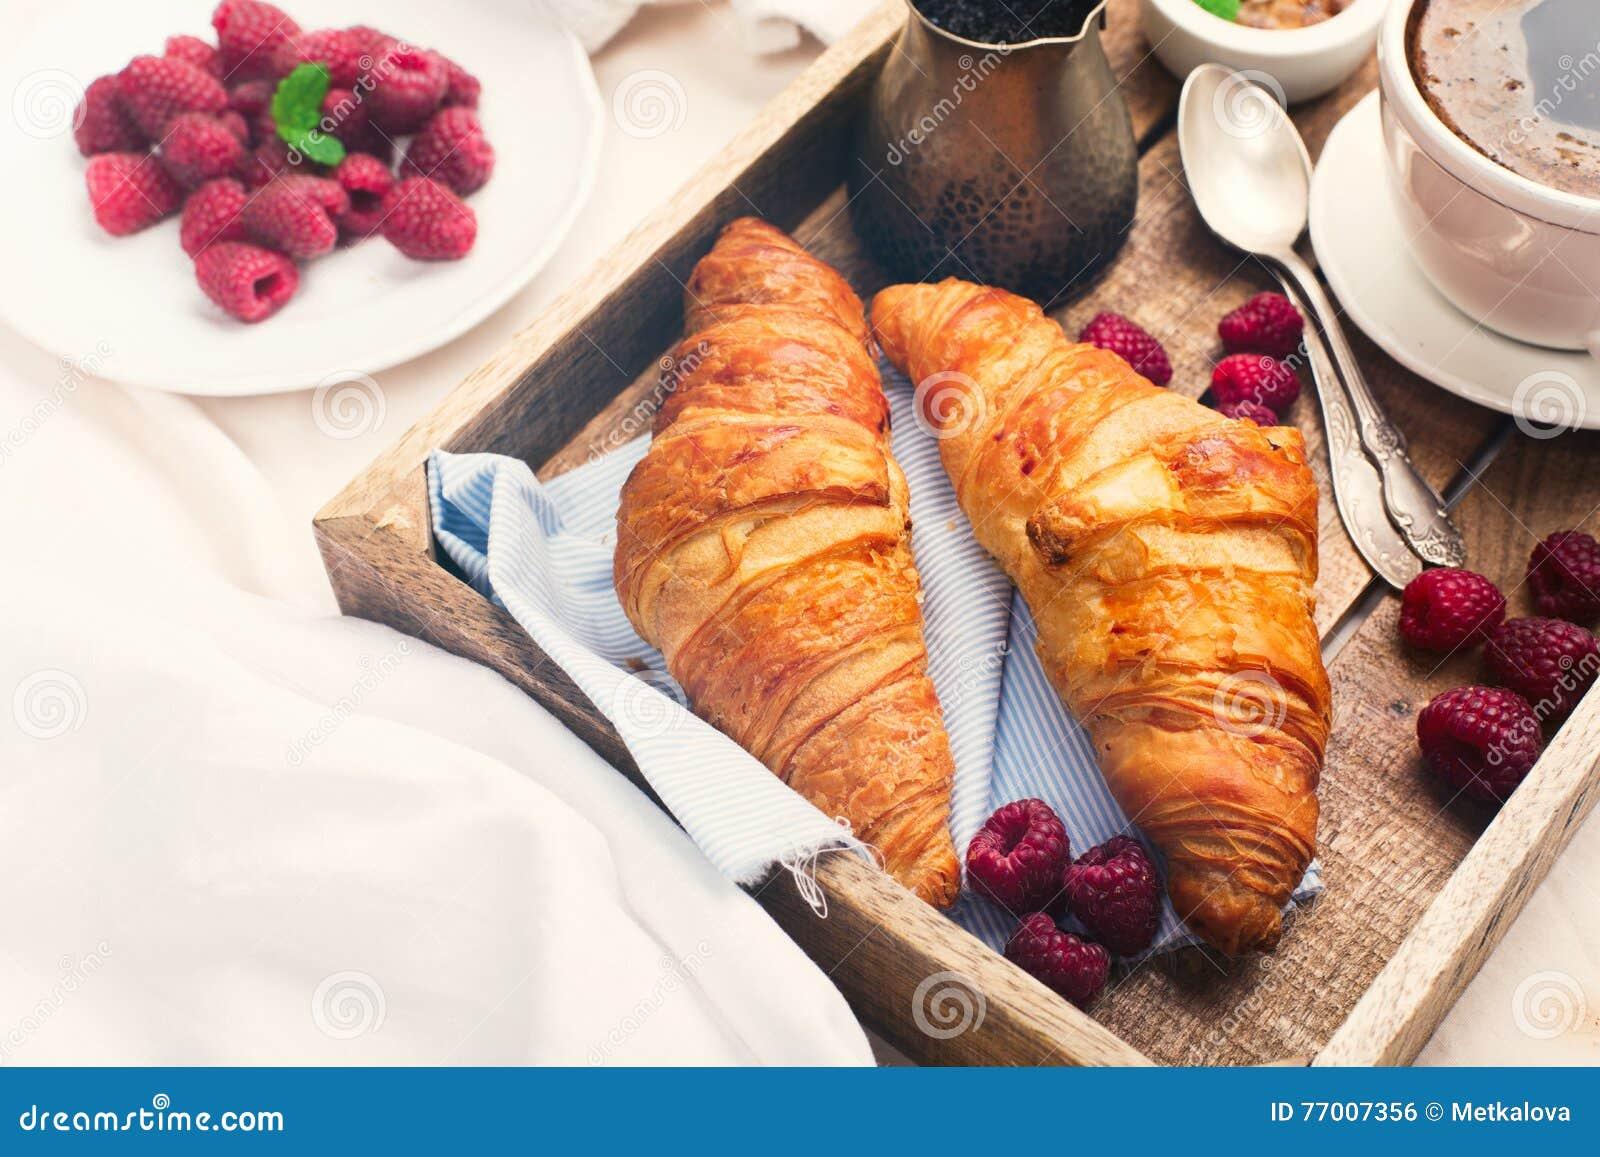 Festa della mamma colazione a letto - Colazione al letto ...